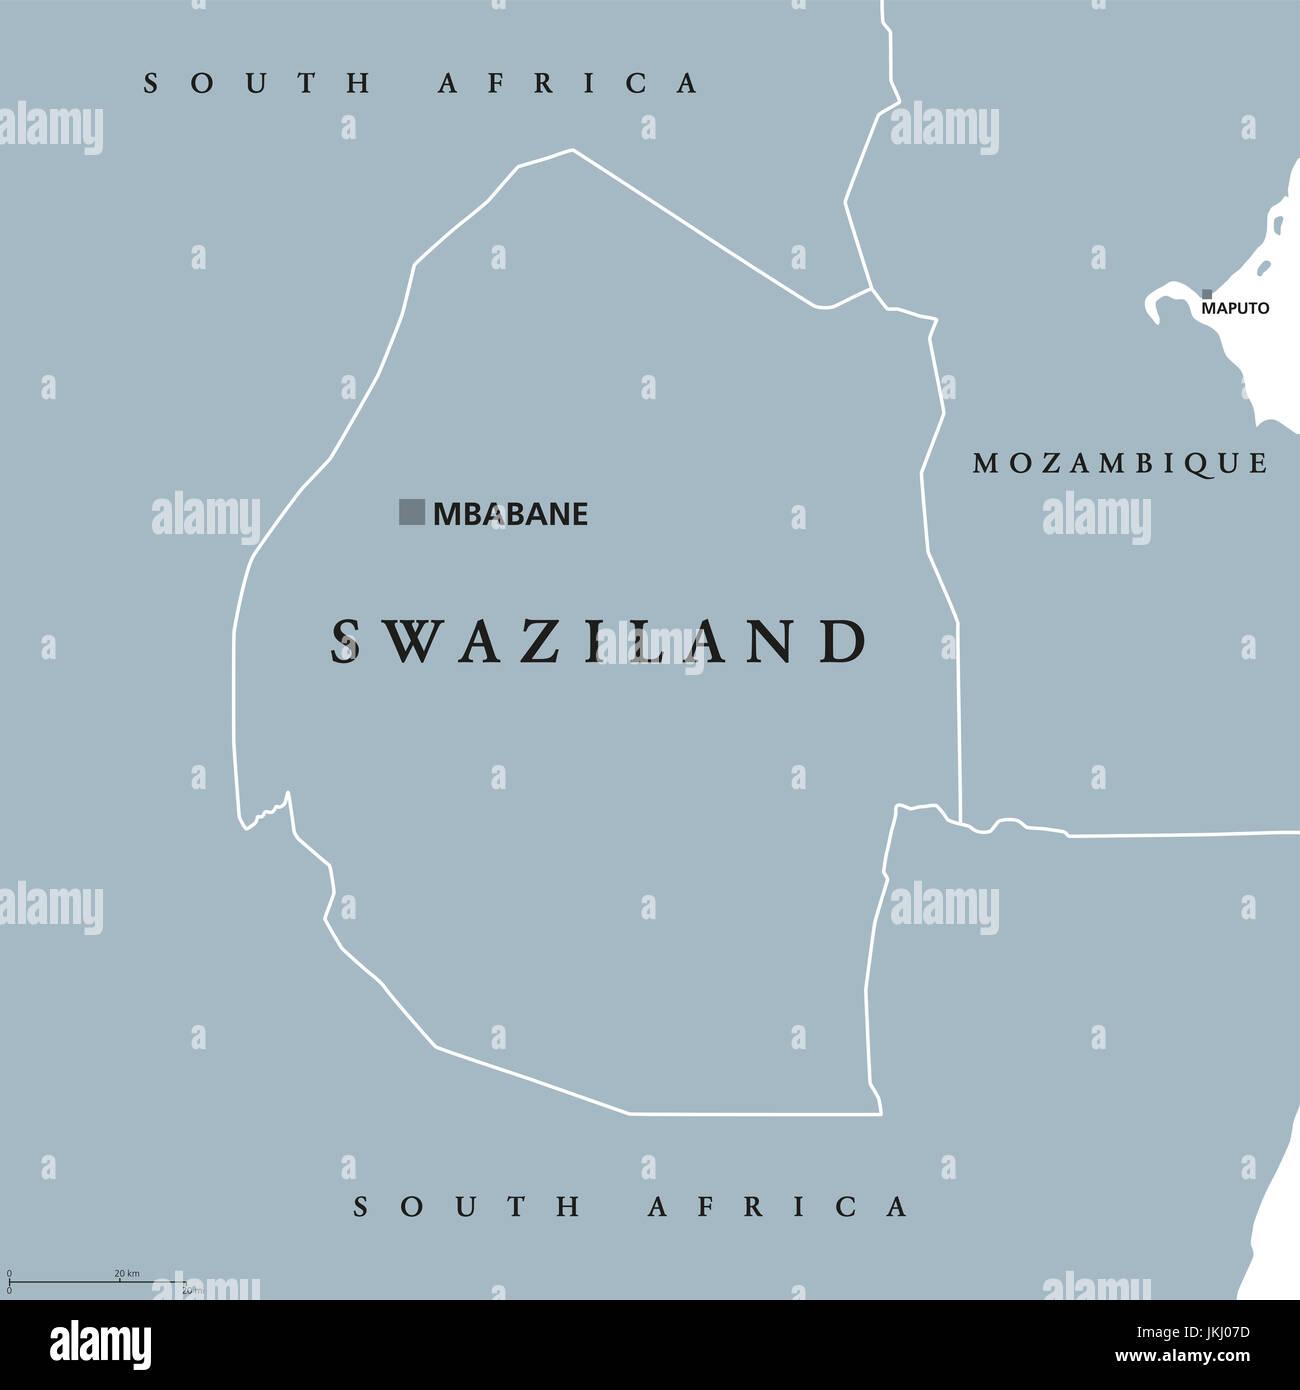 Swasiland Politische Karte Mit Hauptstadt Mbabane Konigreich Von Eswatini Manchmal Genannt Kangwane Souveraner Staat Und Binnenstaat Im Sudlichen Afrika Stockfotografie Alamy